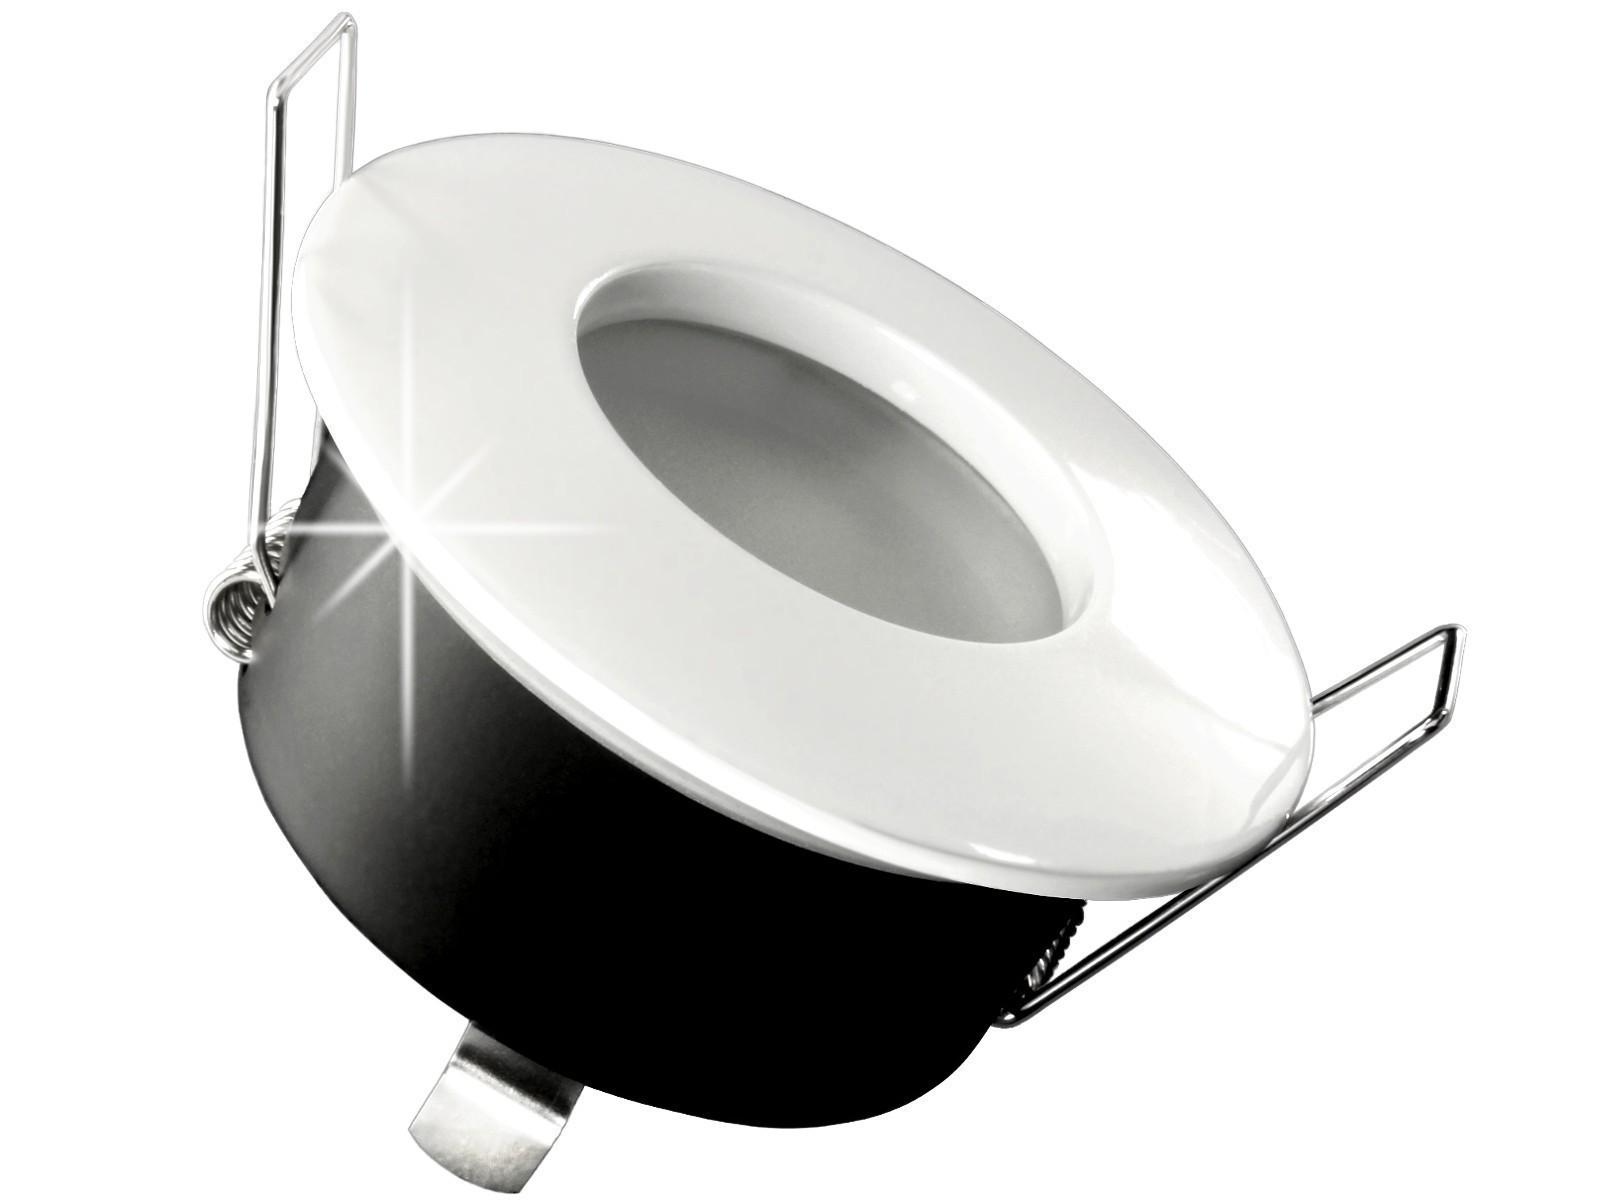 Dusche Led Einbaustrahler : RW-1 LED-Einbaustrahler weiss, Bad Dusche Aussenbereich Feuchtraum